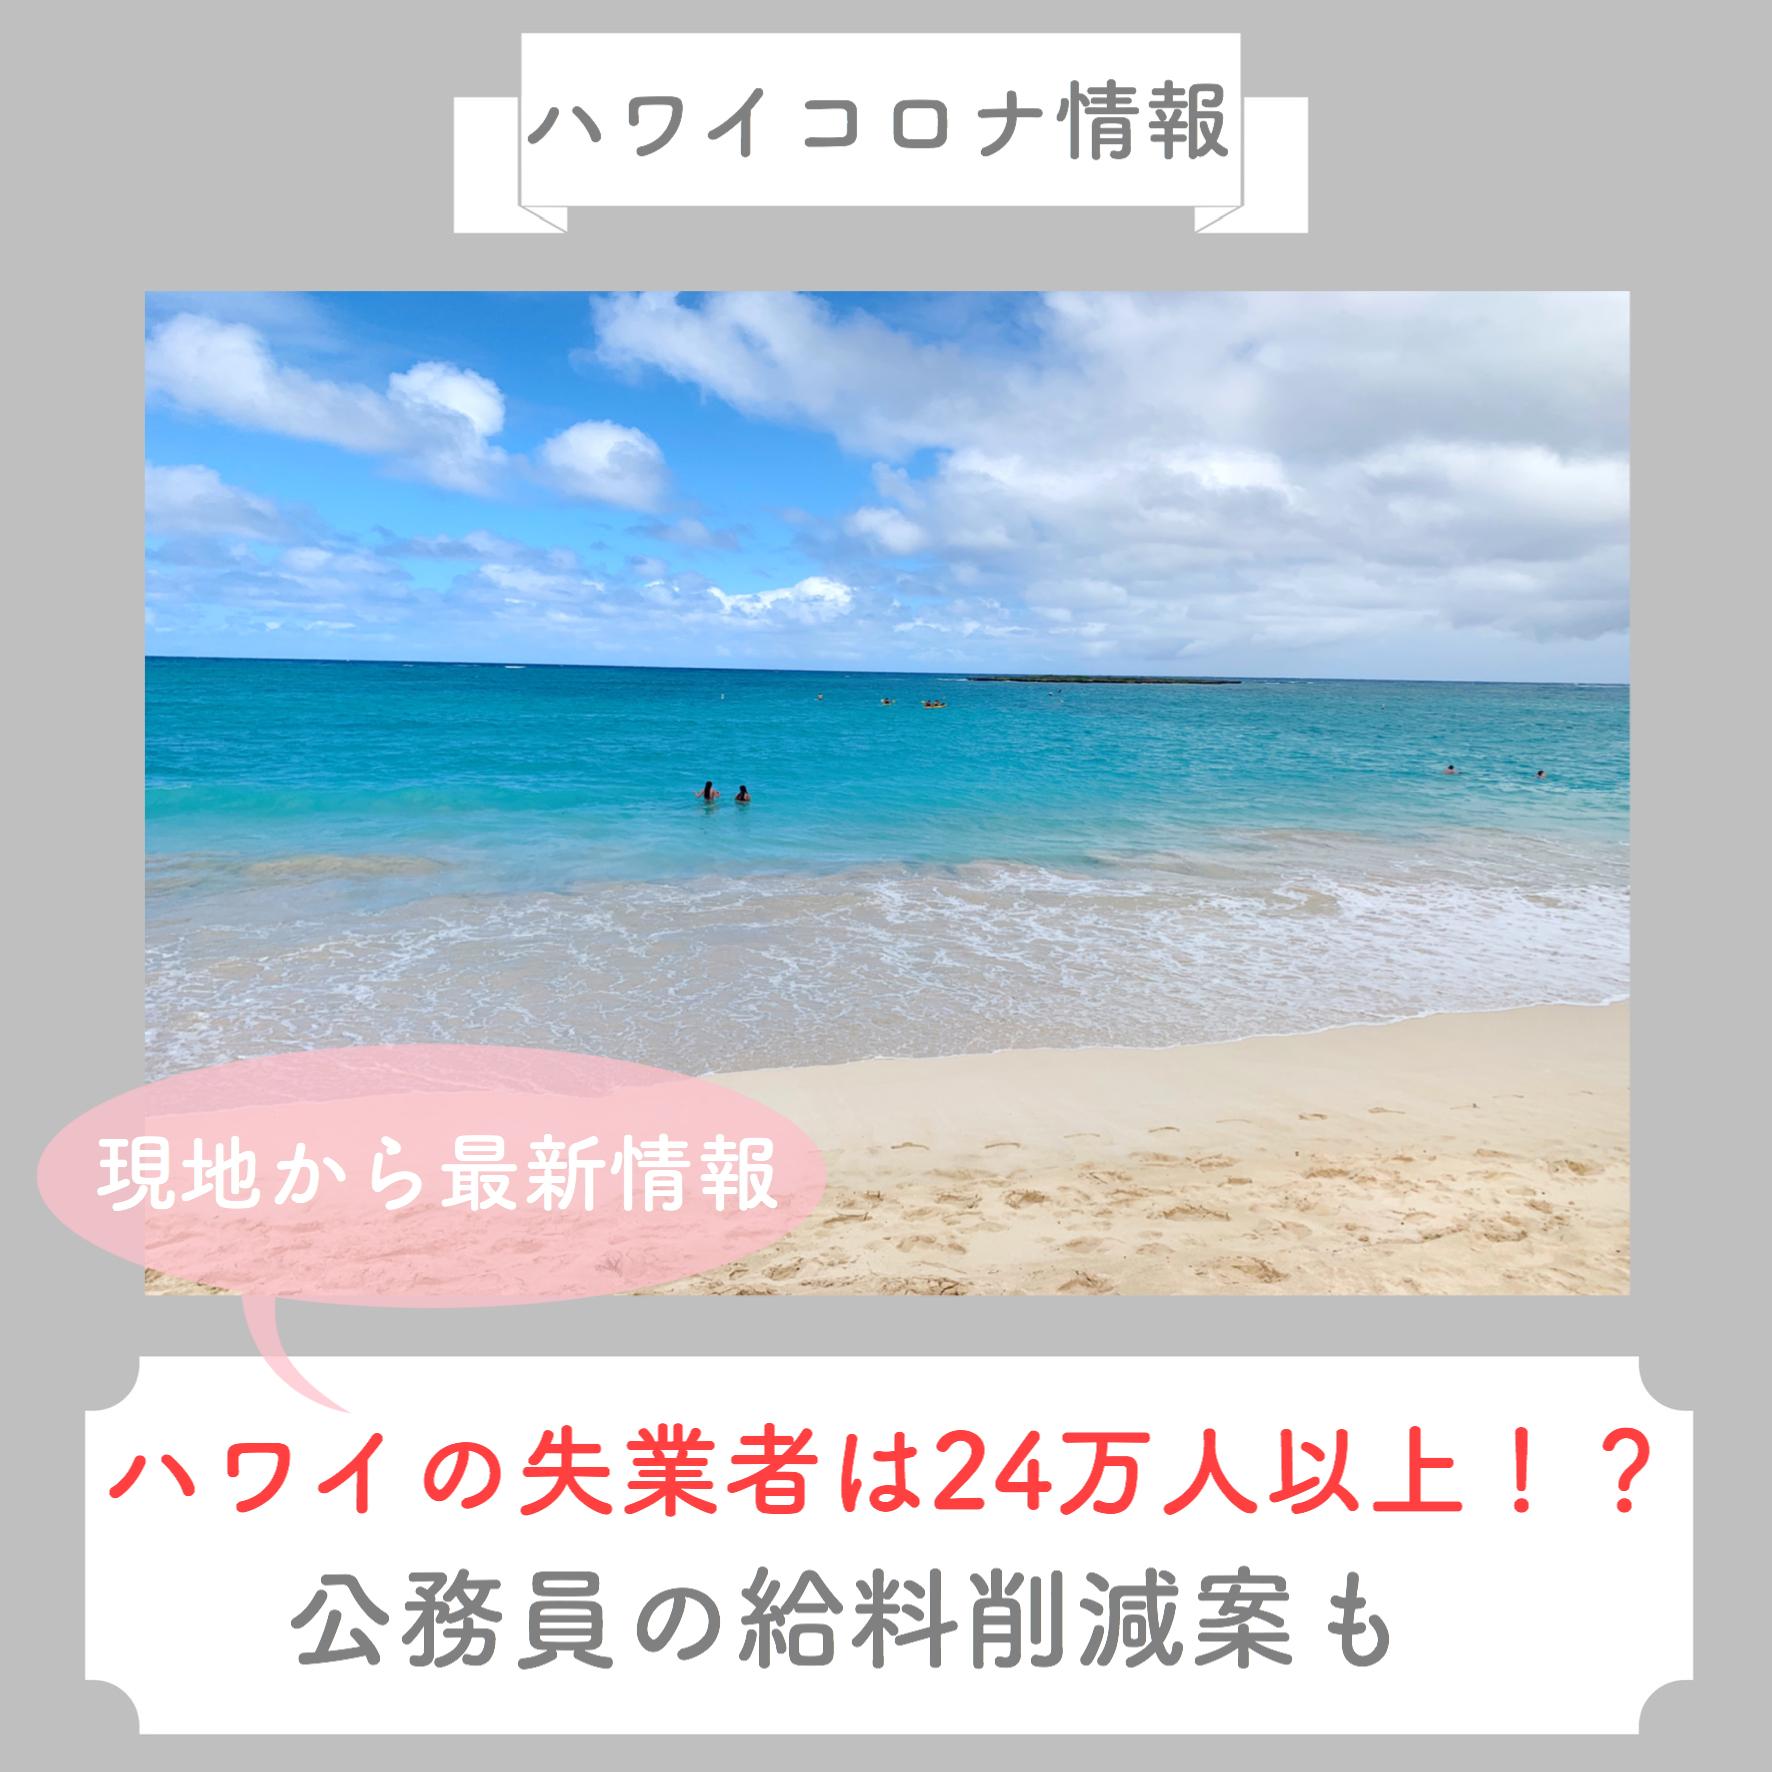 【ハワイコロナ情報】ハワイの失業者は24万人以上!?公務員の給料削減案も